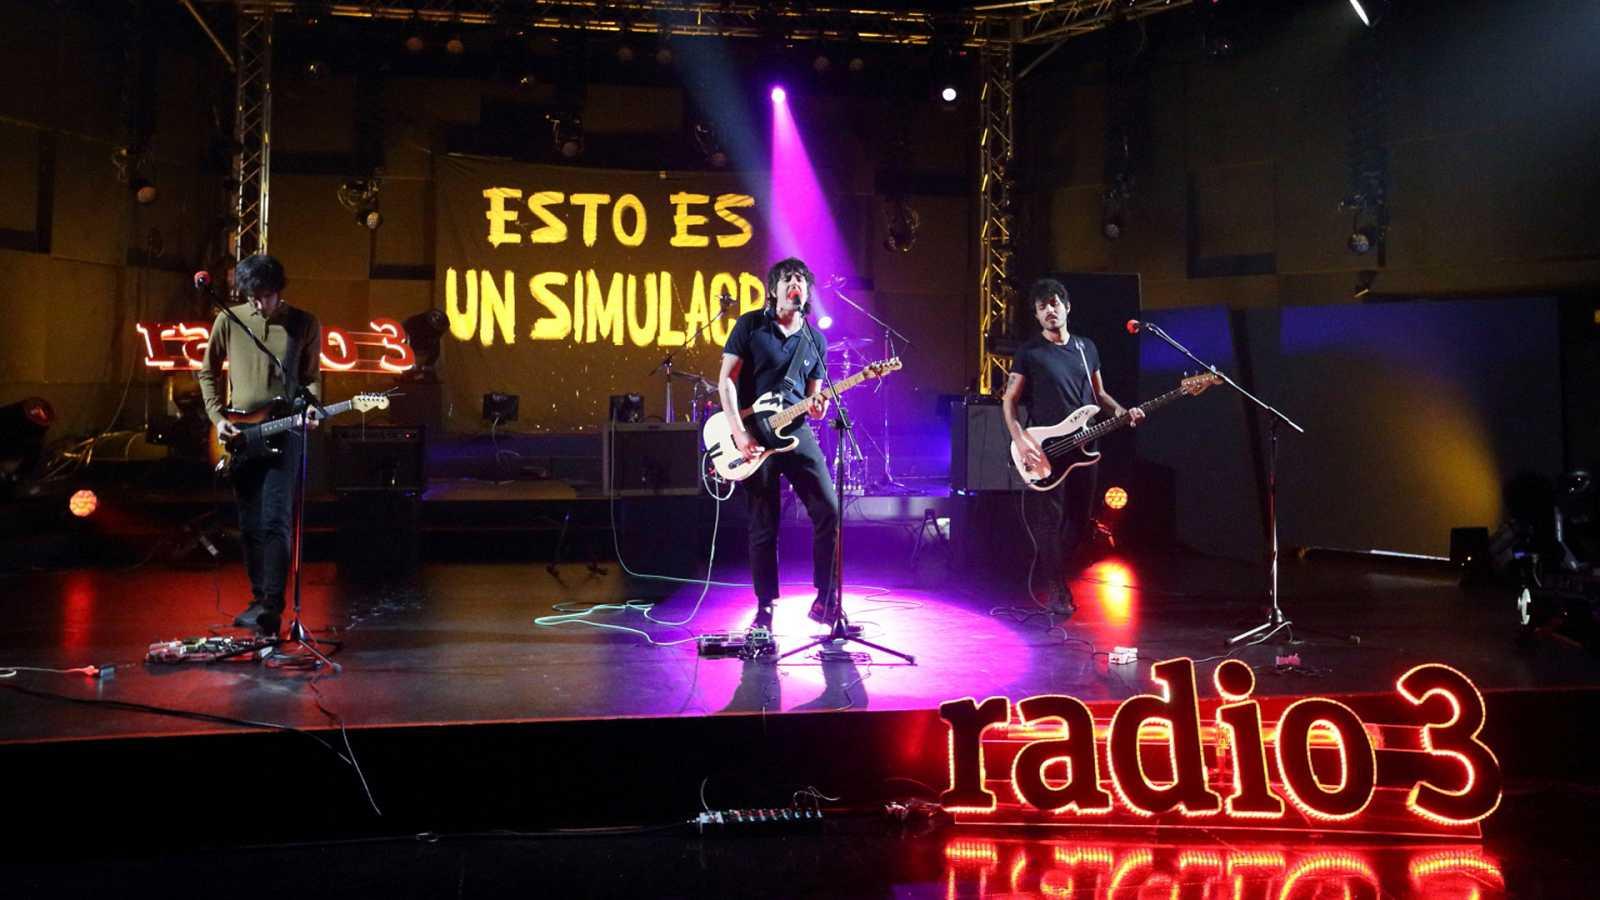 Los conciertos de Radio 3 - Biznaga - ver ahora